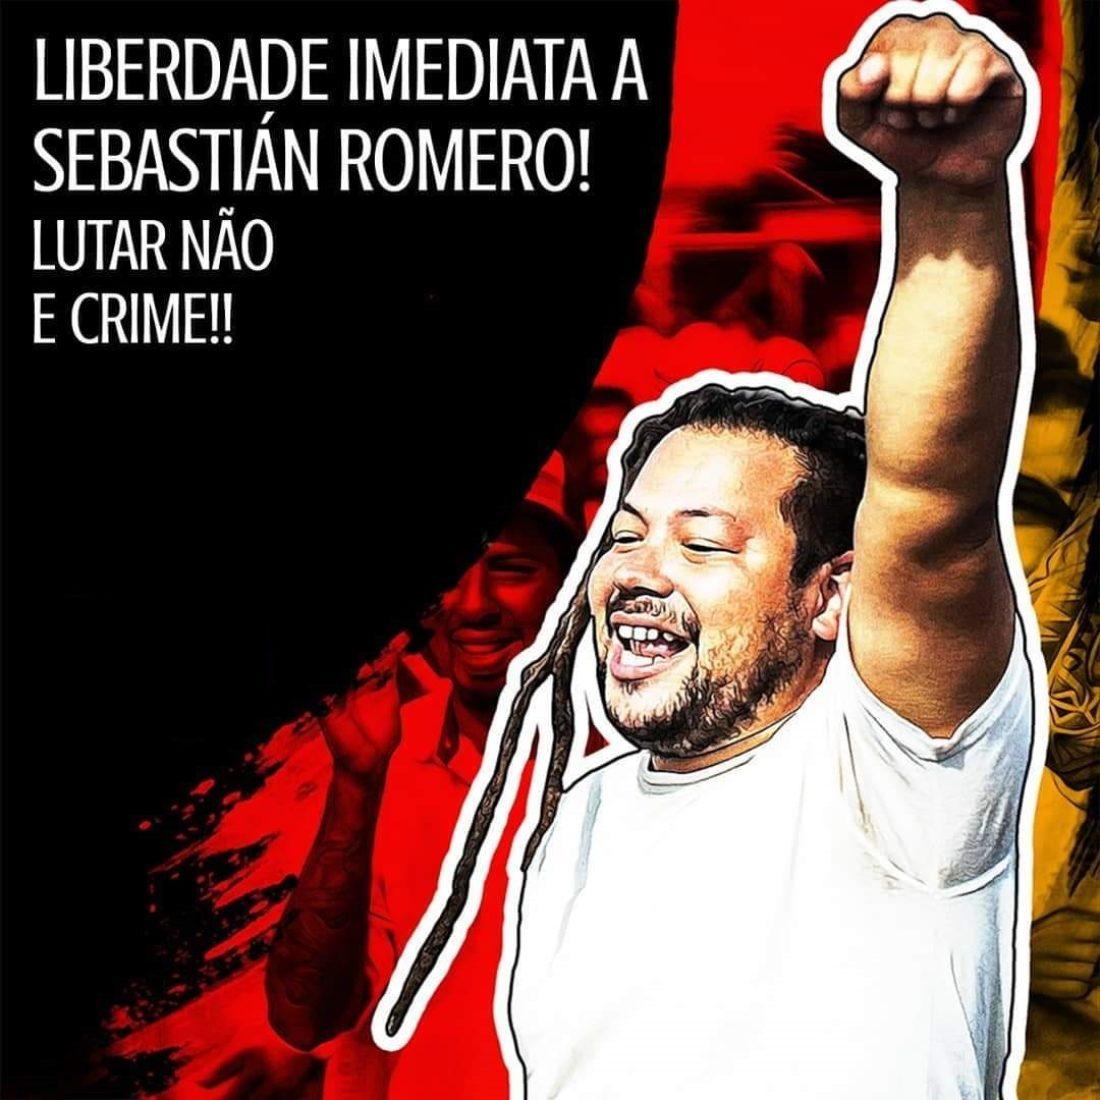 ¡Libertad inmediata para Sebastian Romero!